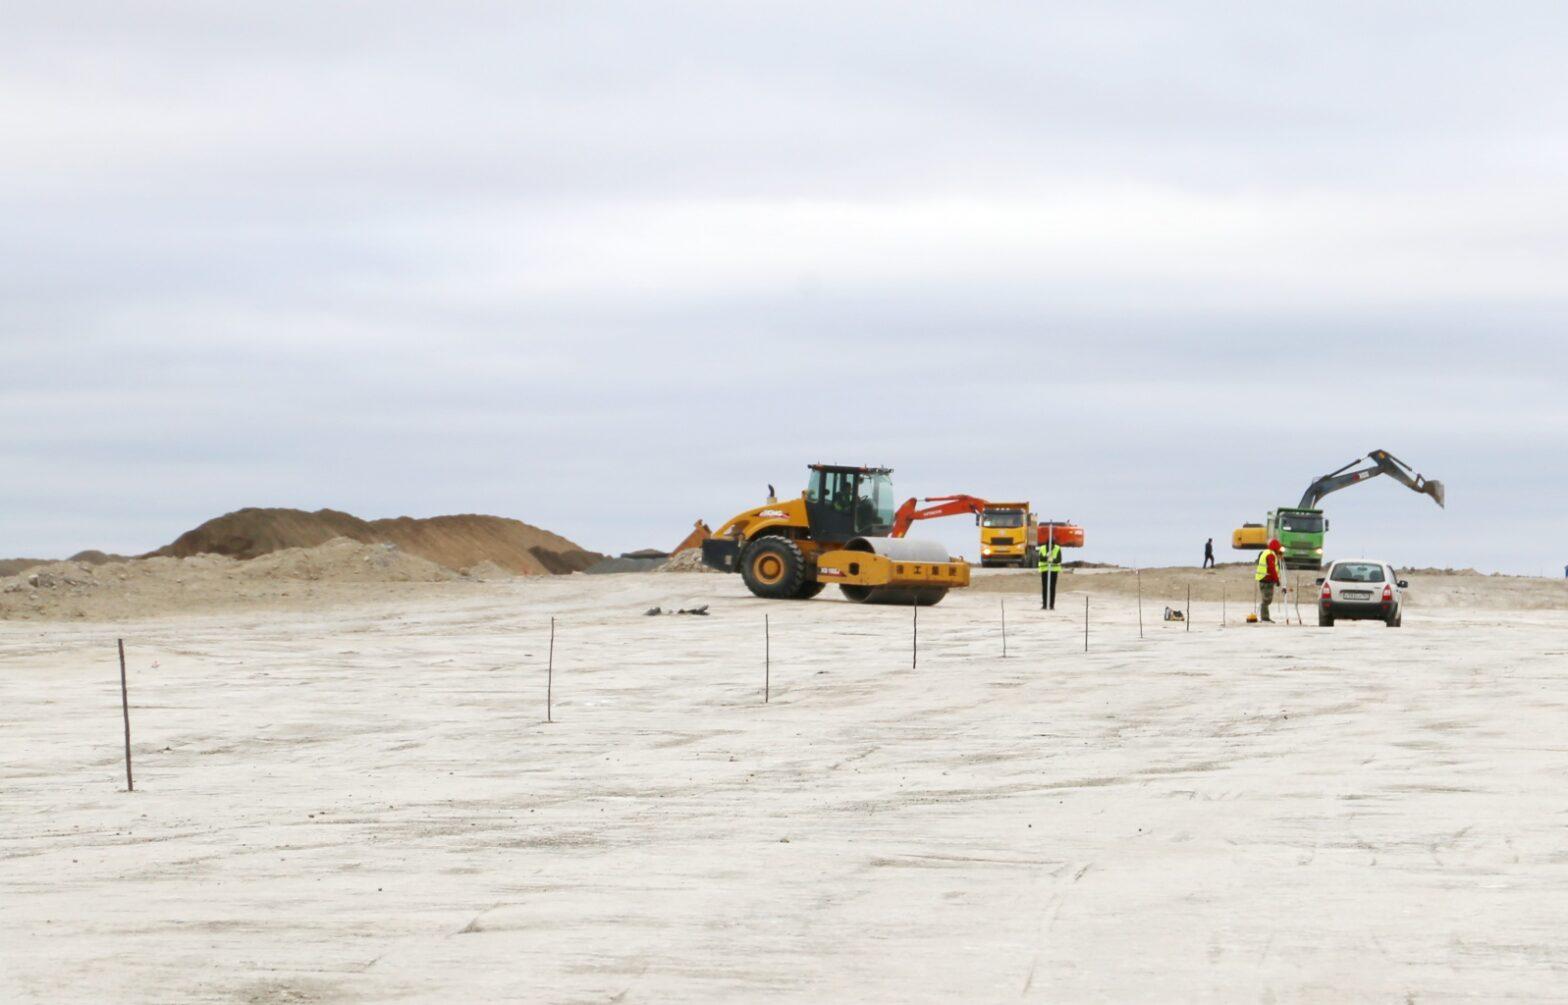 Более 21 млрд рублей направили на строительство нового аэропорта в Мирном в Якутии